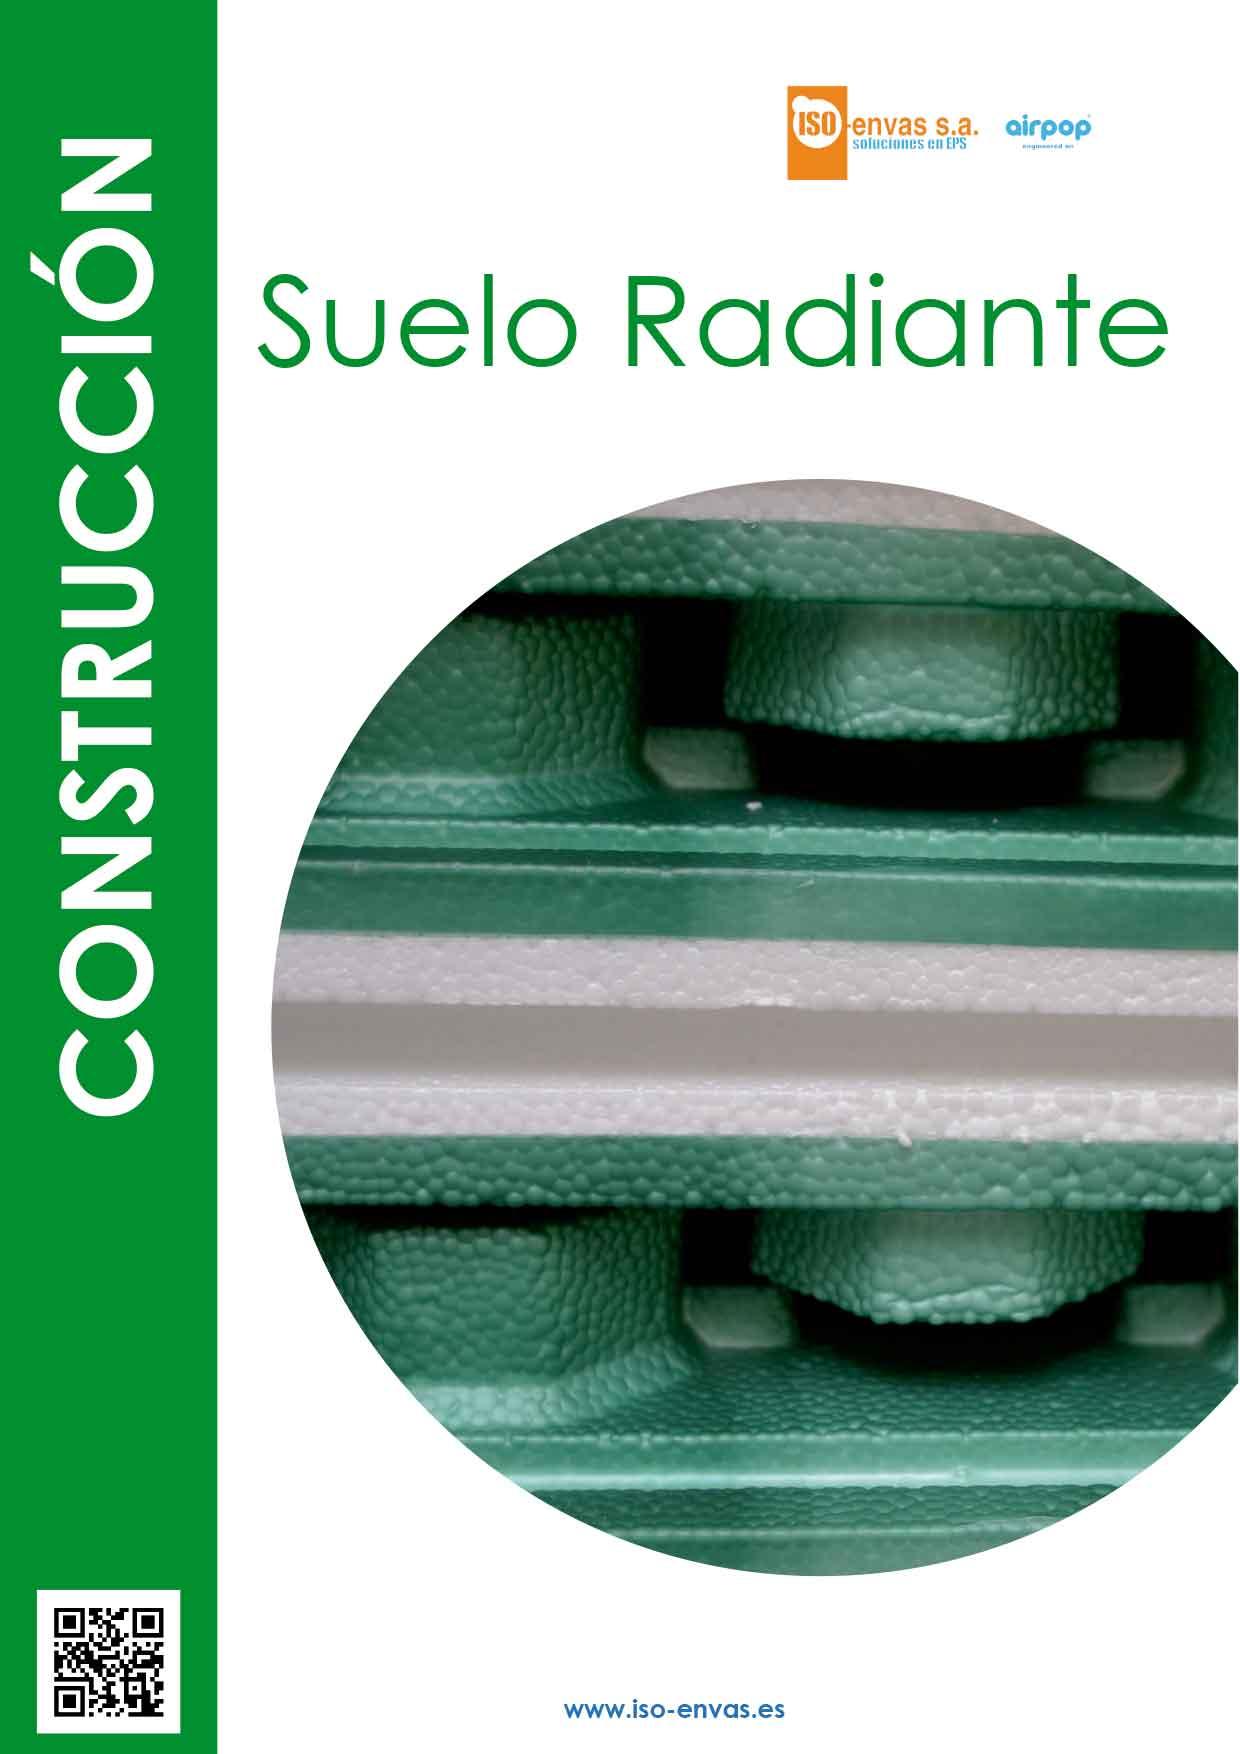 06-1_CONSTRUCCION_SUELO_RADIANTE-1